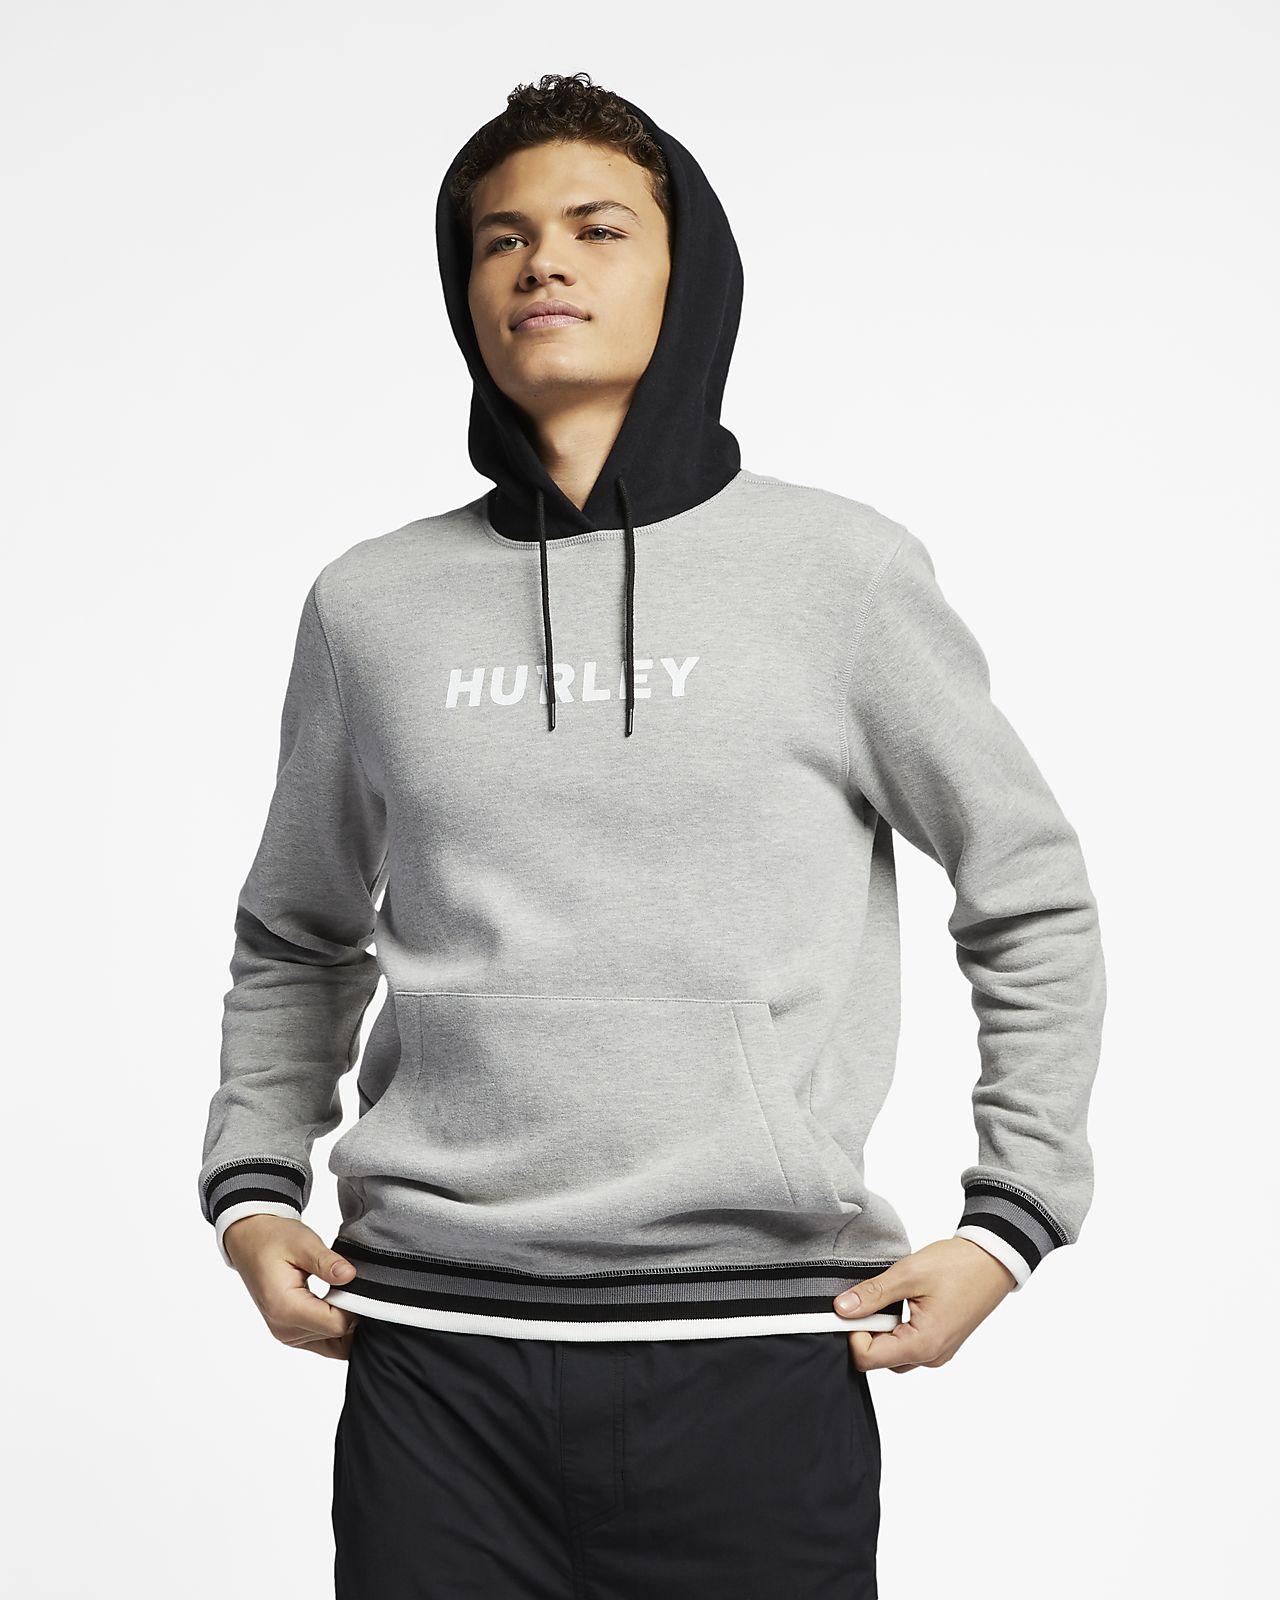 Felpa pullover in fleece con cappuccio Hurley East Coast - Uomo